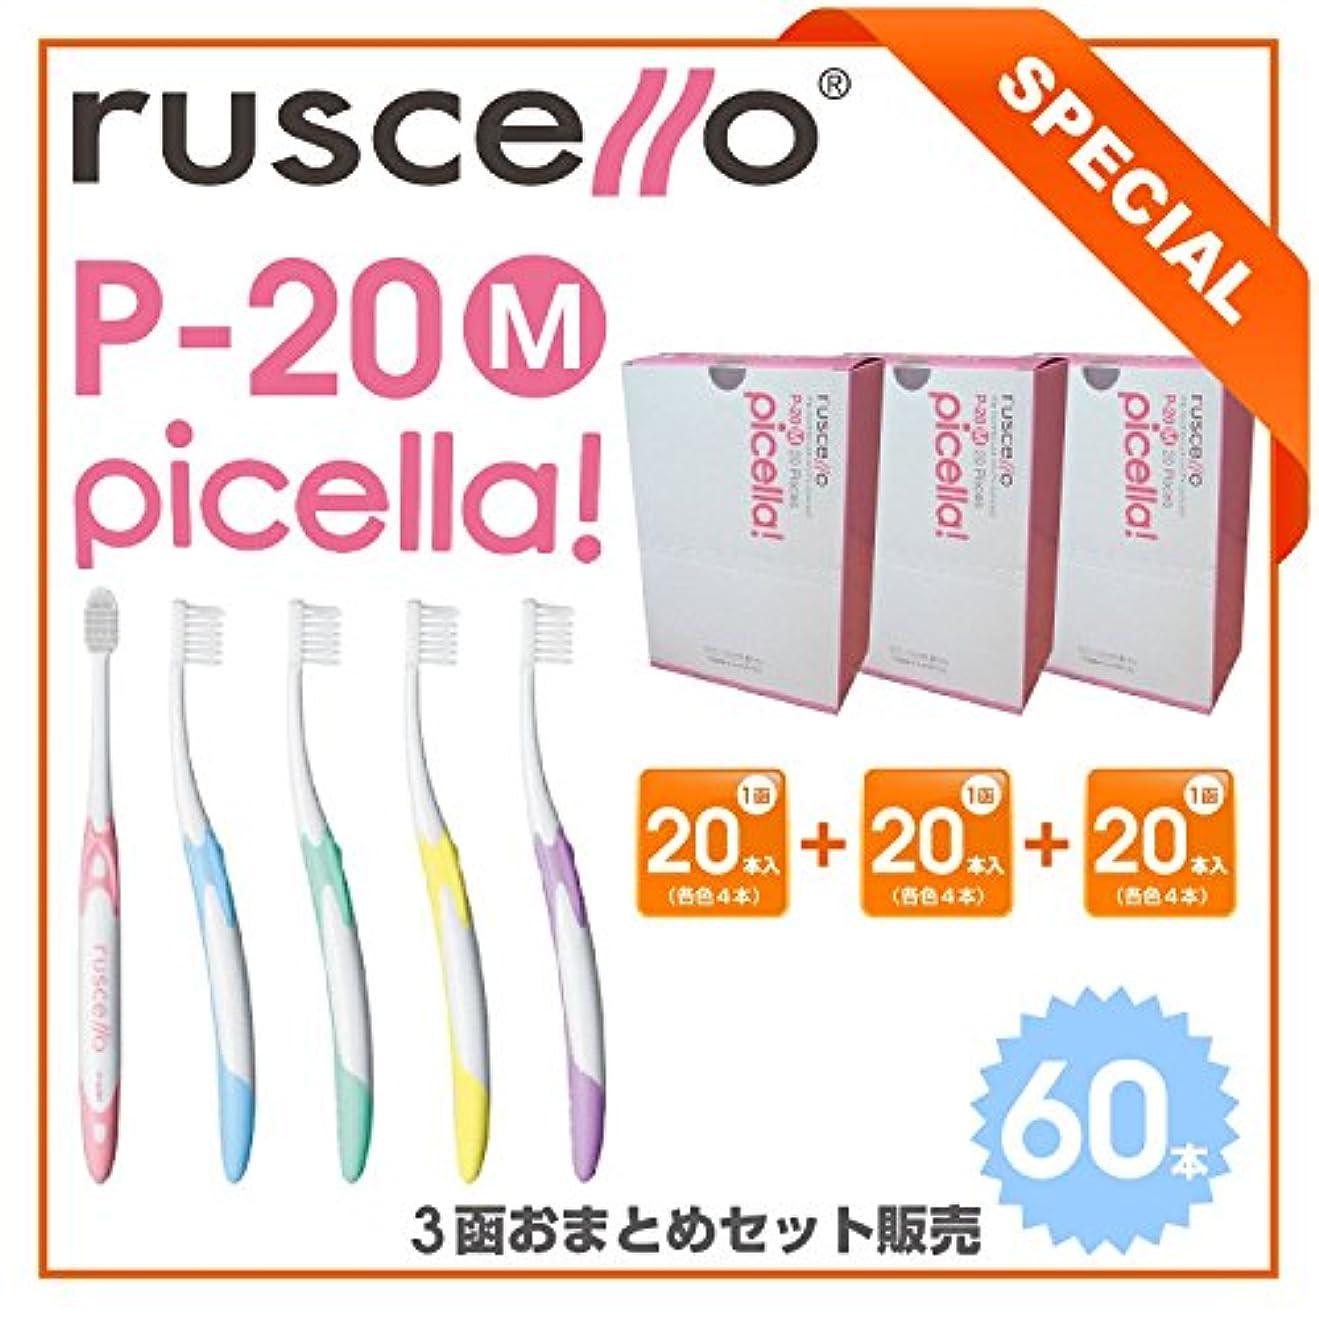 裁定エンドウポジティブGC ジーシー ルシェロ歯ブラシ<P-20>ピセラ M ふつう 1函20本入×3函セット